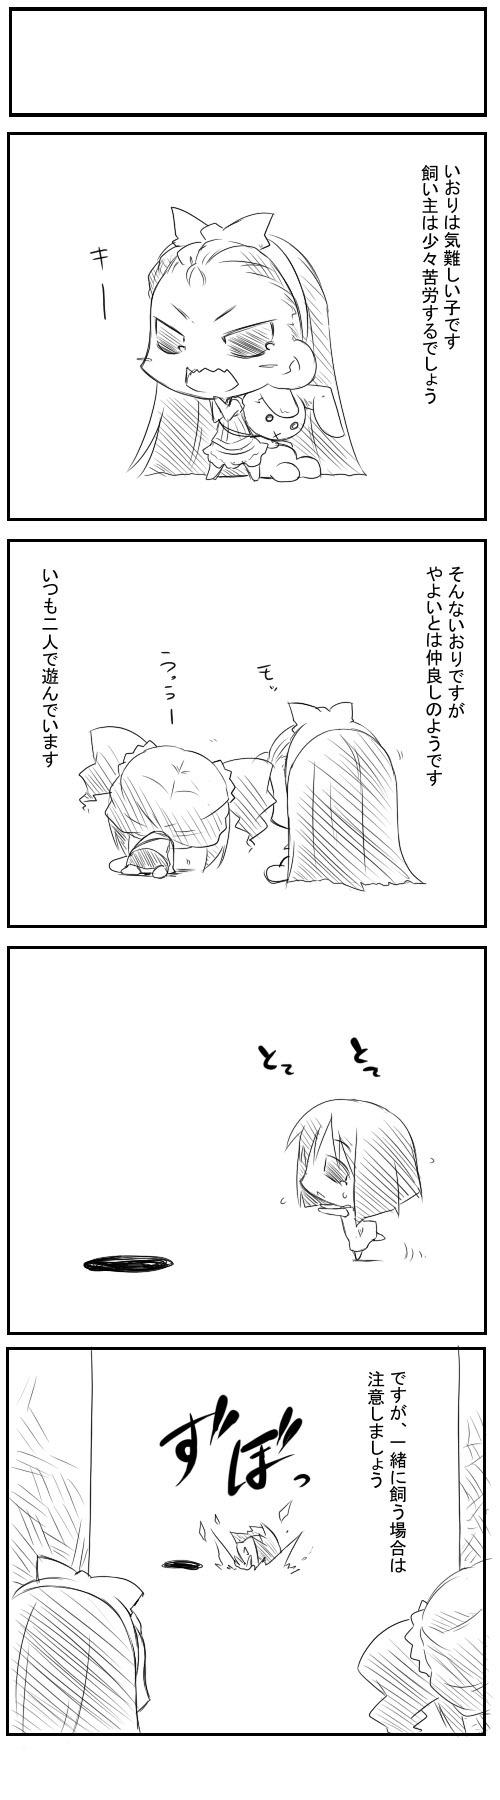 idol_28.jpg